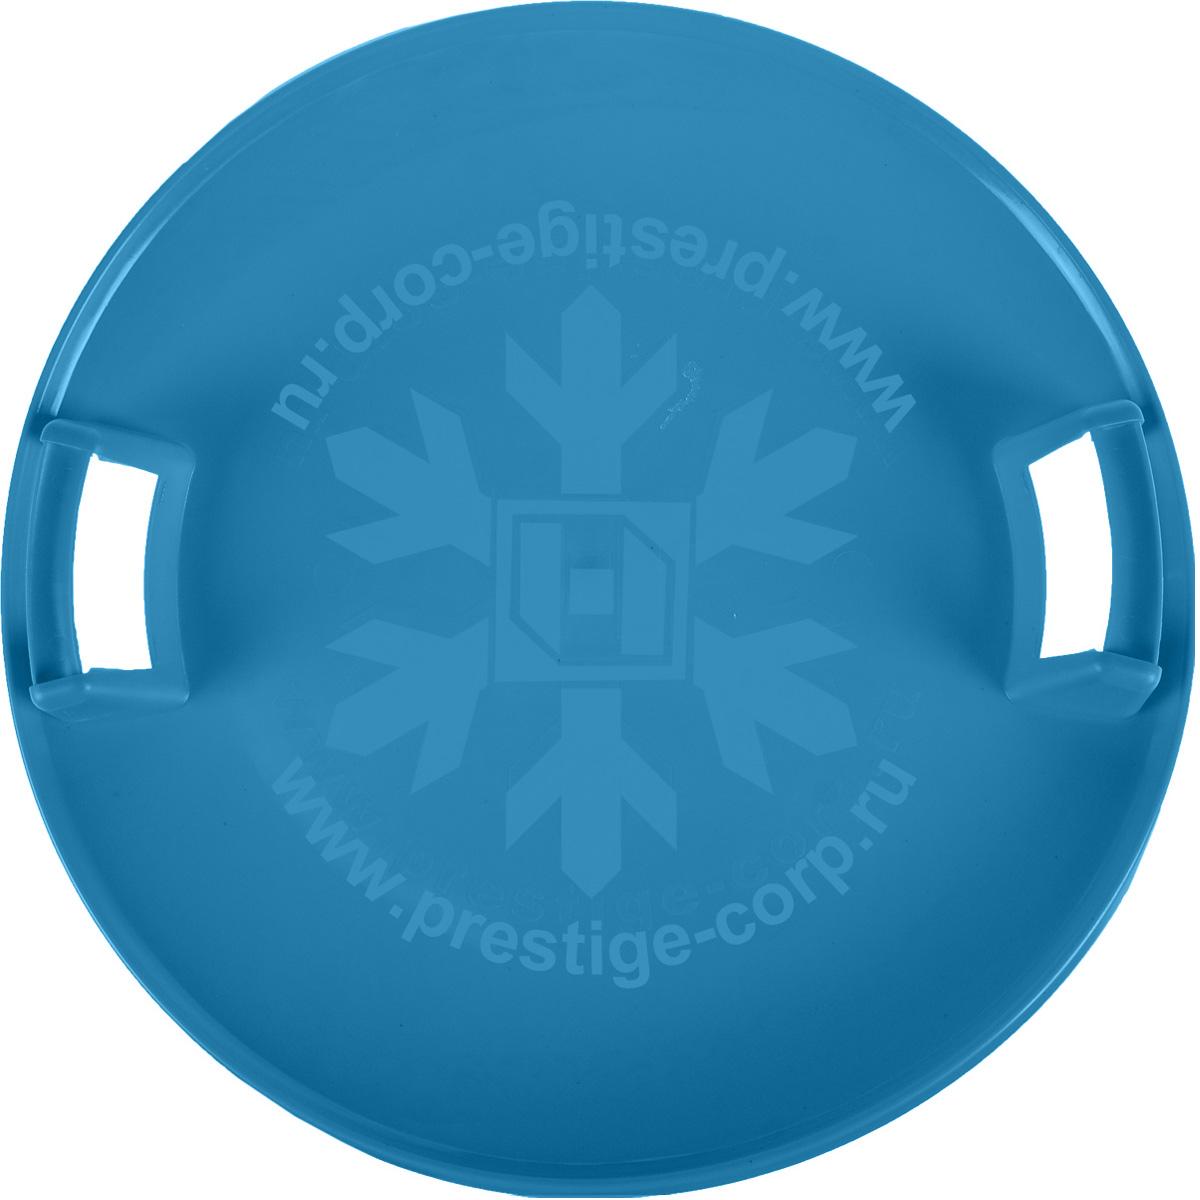 Санки-ледянки Престиж Экстрим, с пластиковыми ручками, цвет: голубой, диаметр 58 см336911Любимая детская зимняя забава - это катание с горки. Яркие санки-ледянки Престиж Экстрим станут незаменимым атрибутом этой веселой детской игры. Санки-ледянки Престиж Экстрим - это специальная пластиковая тарелка, облегчающая скольжение и увеличивающая скорость движения по горке. Круглая ледянка выполнена из прочного морозоустойчивого пластика и снабжена двумя удобными пластиковыми ручками, чтобы катание вашего ребенка было безопасным. Отличная скорость, прочный материал и спуск, который можно закончить сидя спиной к низу горки - вот что может предоставить это изделие! Благодаря малому весу, ледянку, в отличие от обычных санок, легко нести с собой даже ребенку.